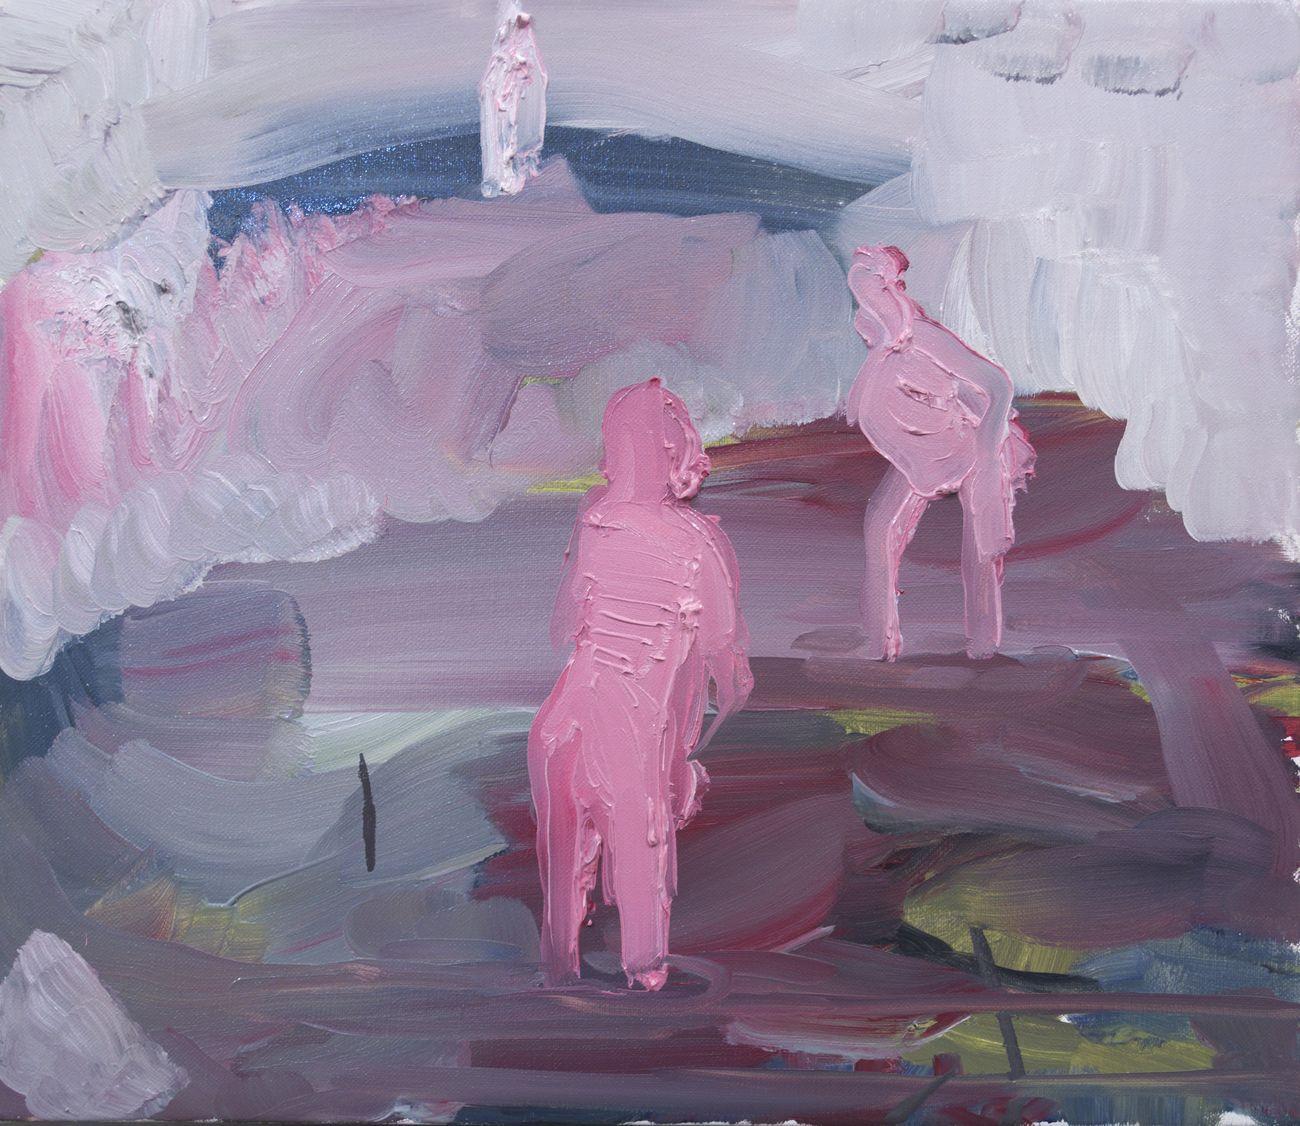 Rudy Cremonini, Le piccole bagnanti, 2018, oil on linen, 30x35 cm